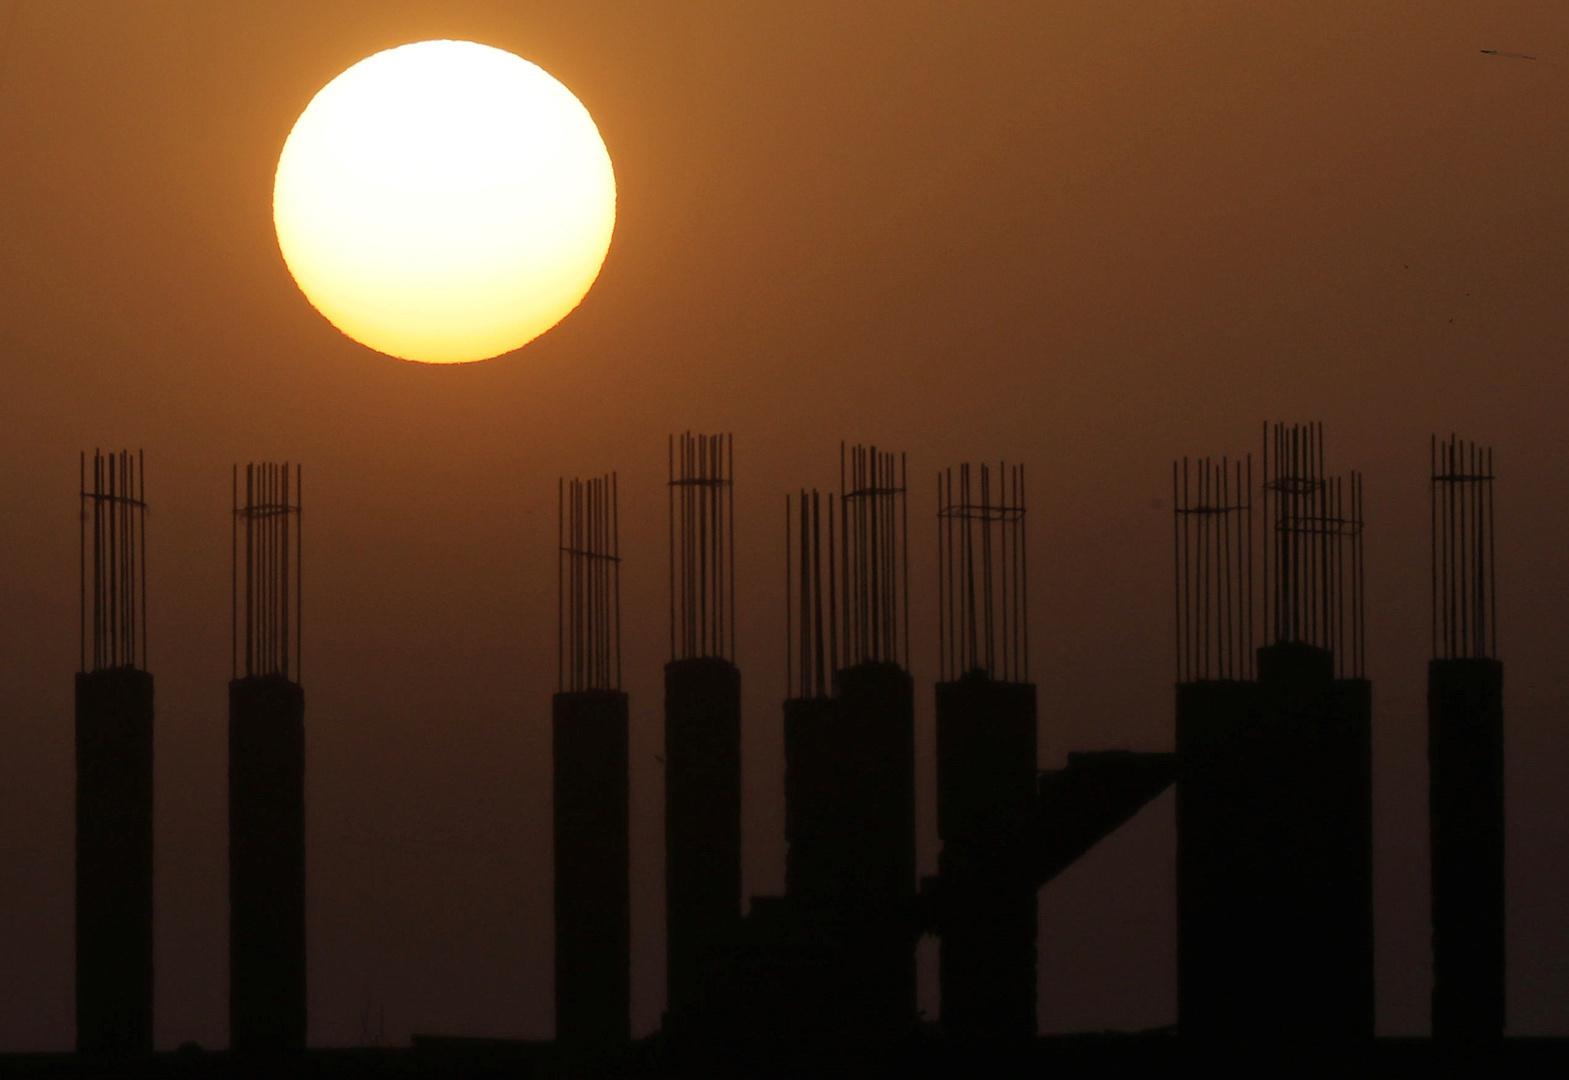 صور الأقمار الصناعية تكشف عن موجة حارة قادمة من تركيا نحو مصر